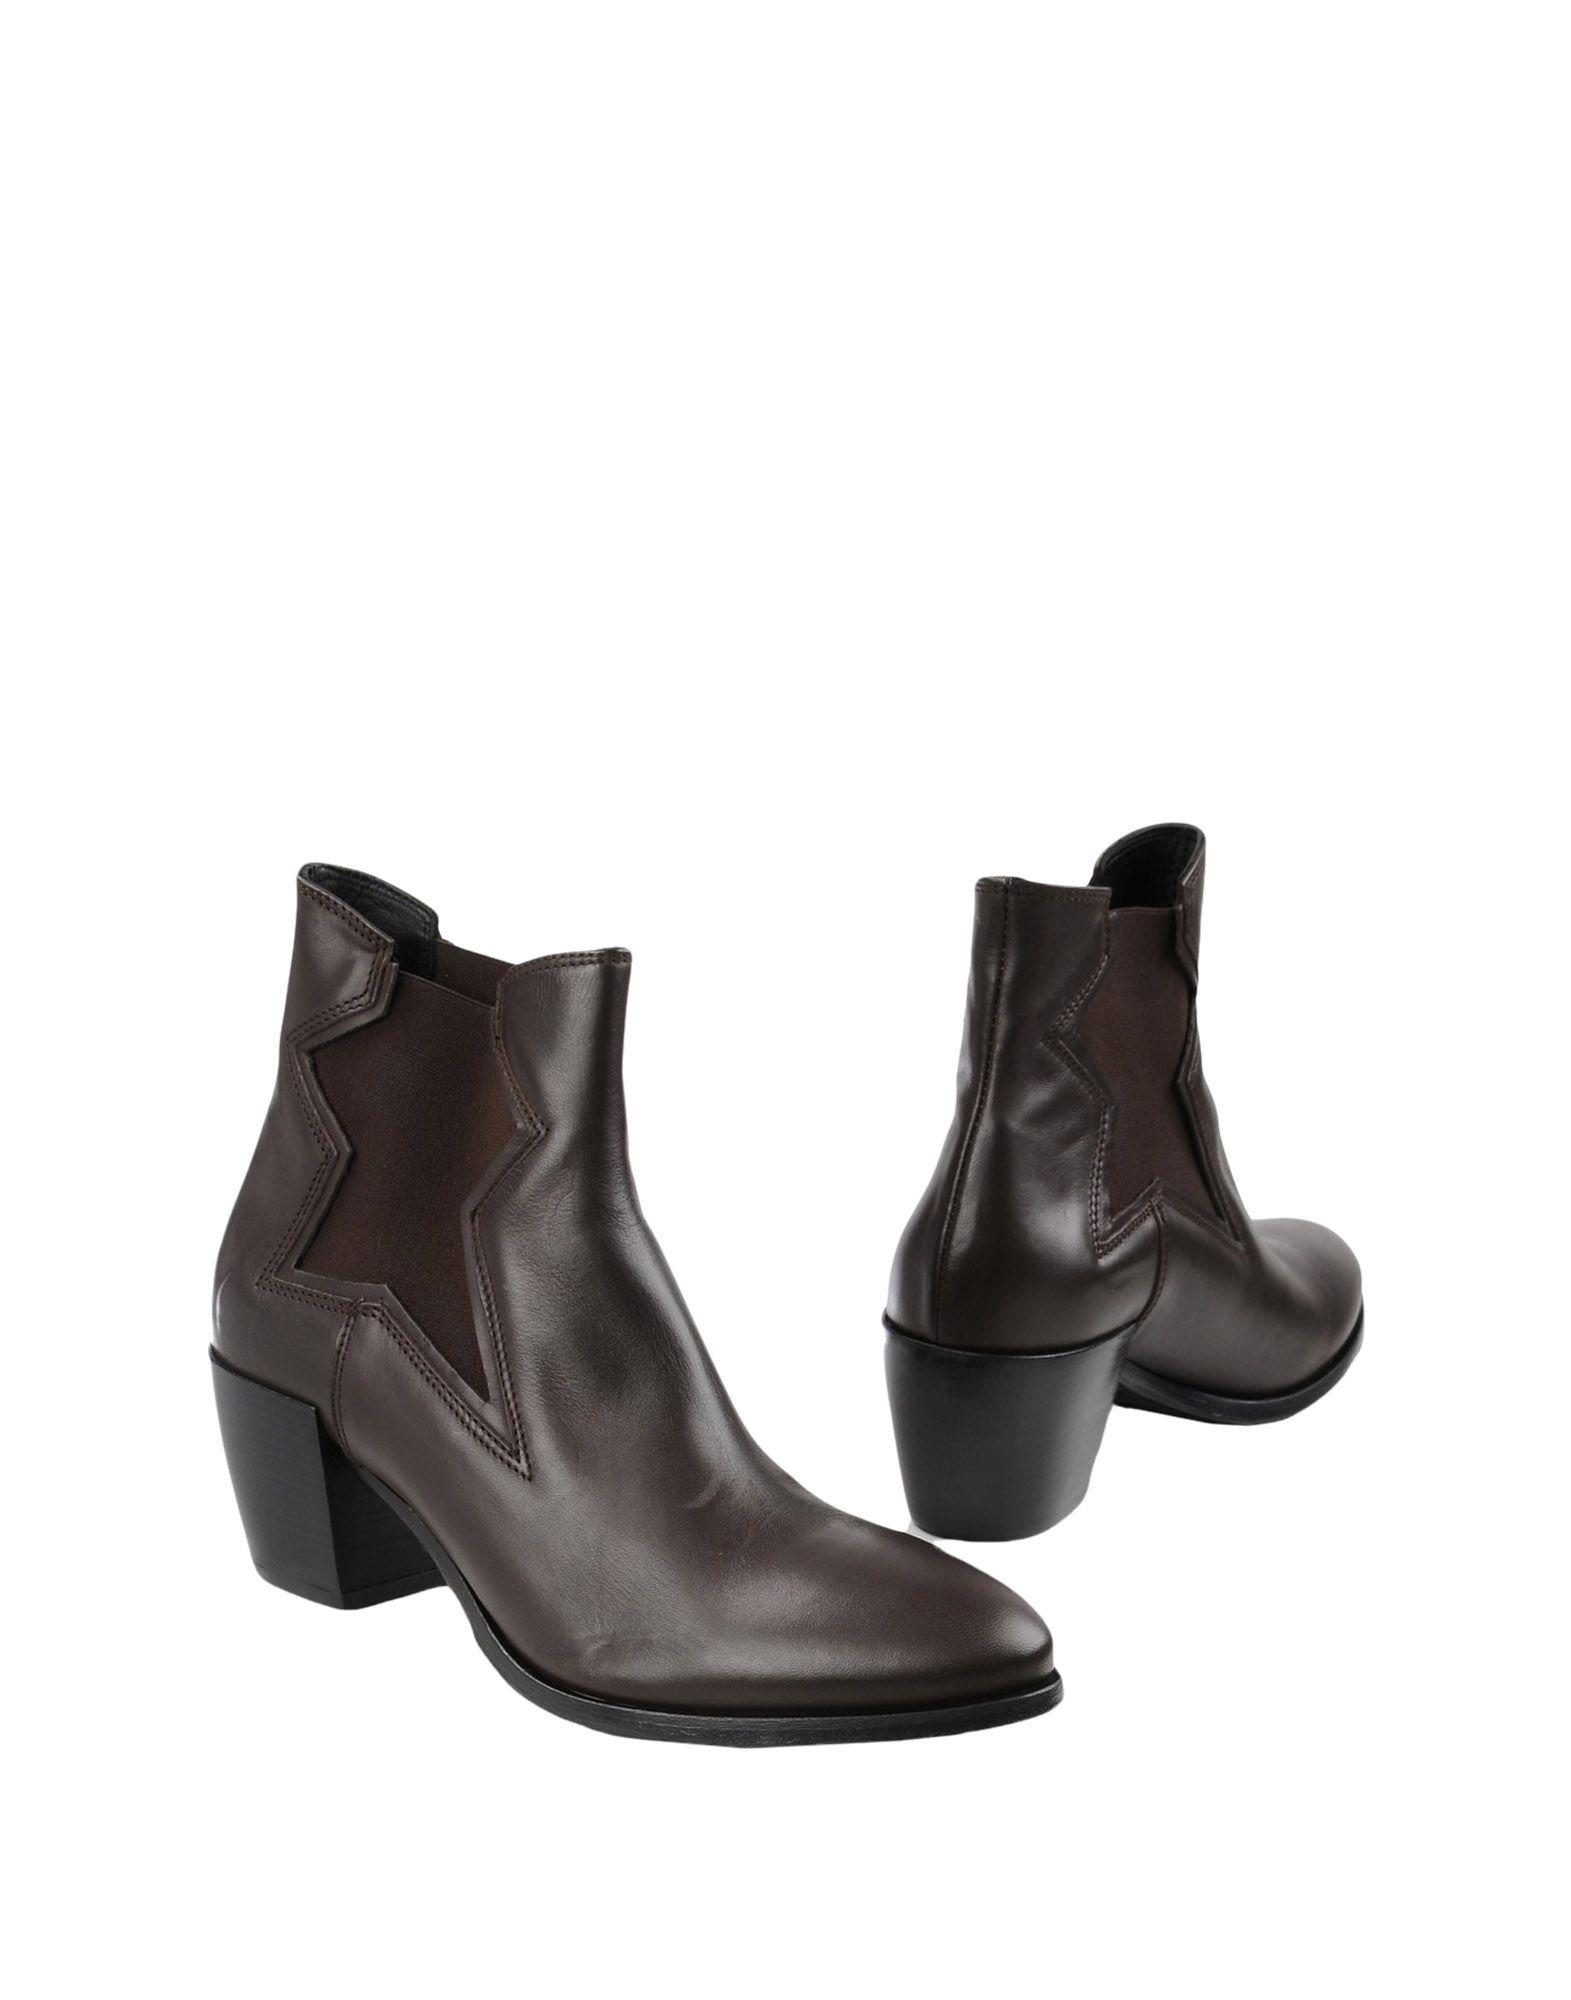 Lemaré Stiefelette Damen  11315029IN Gute Qualität beliebte Schuhe